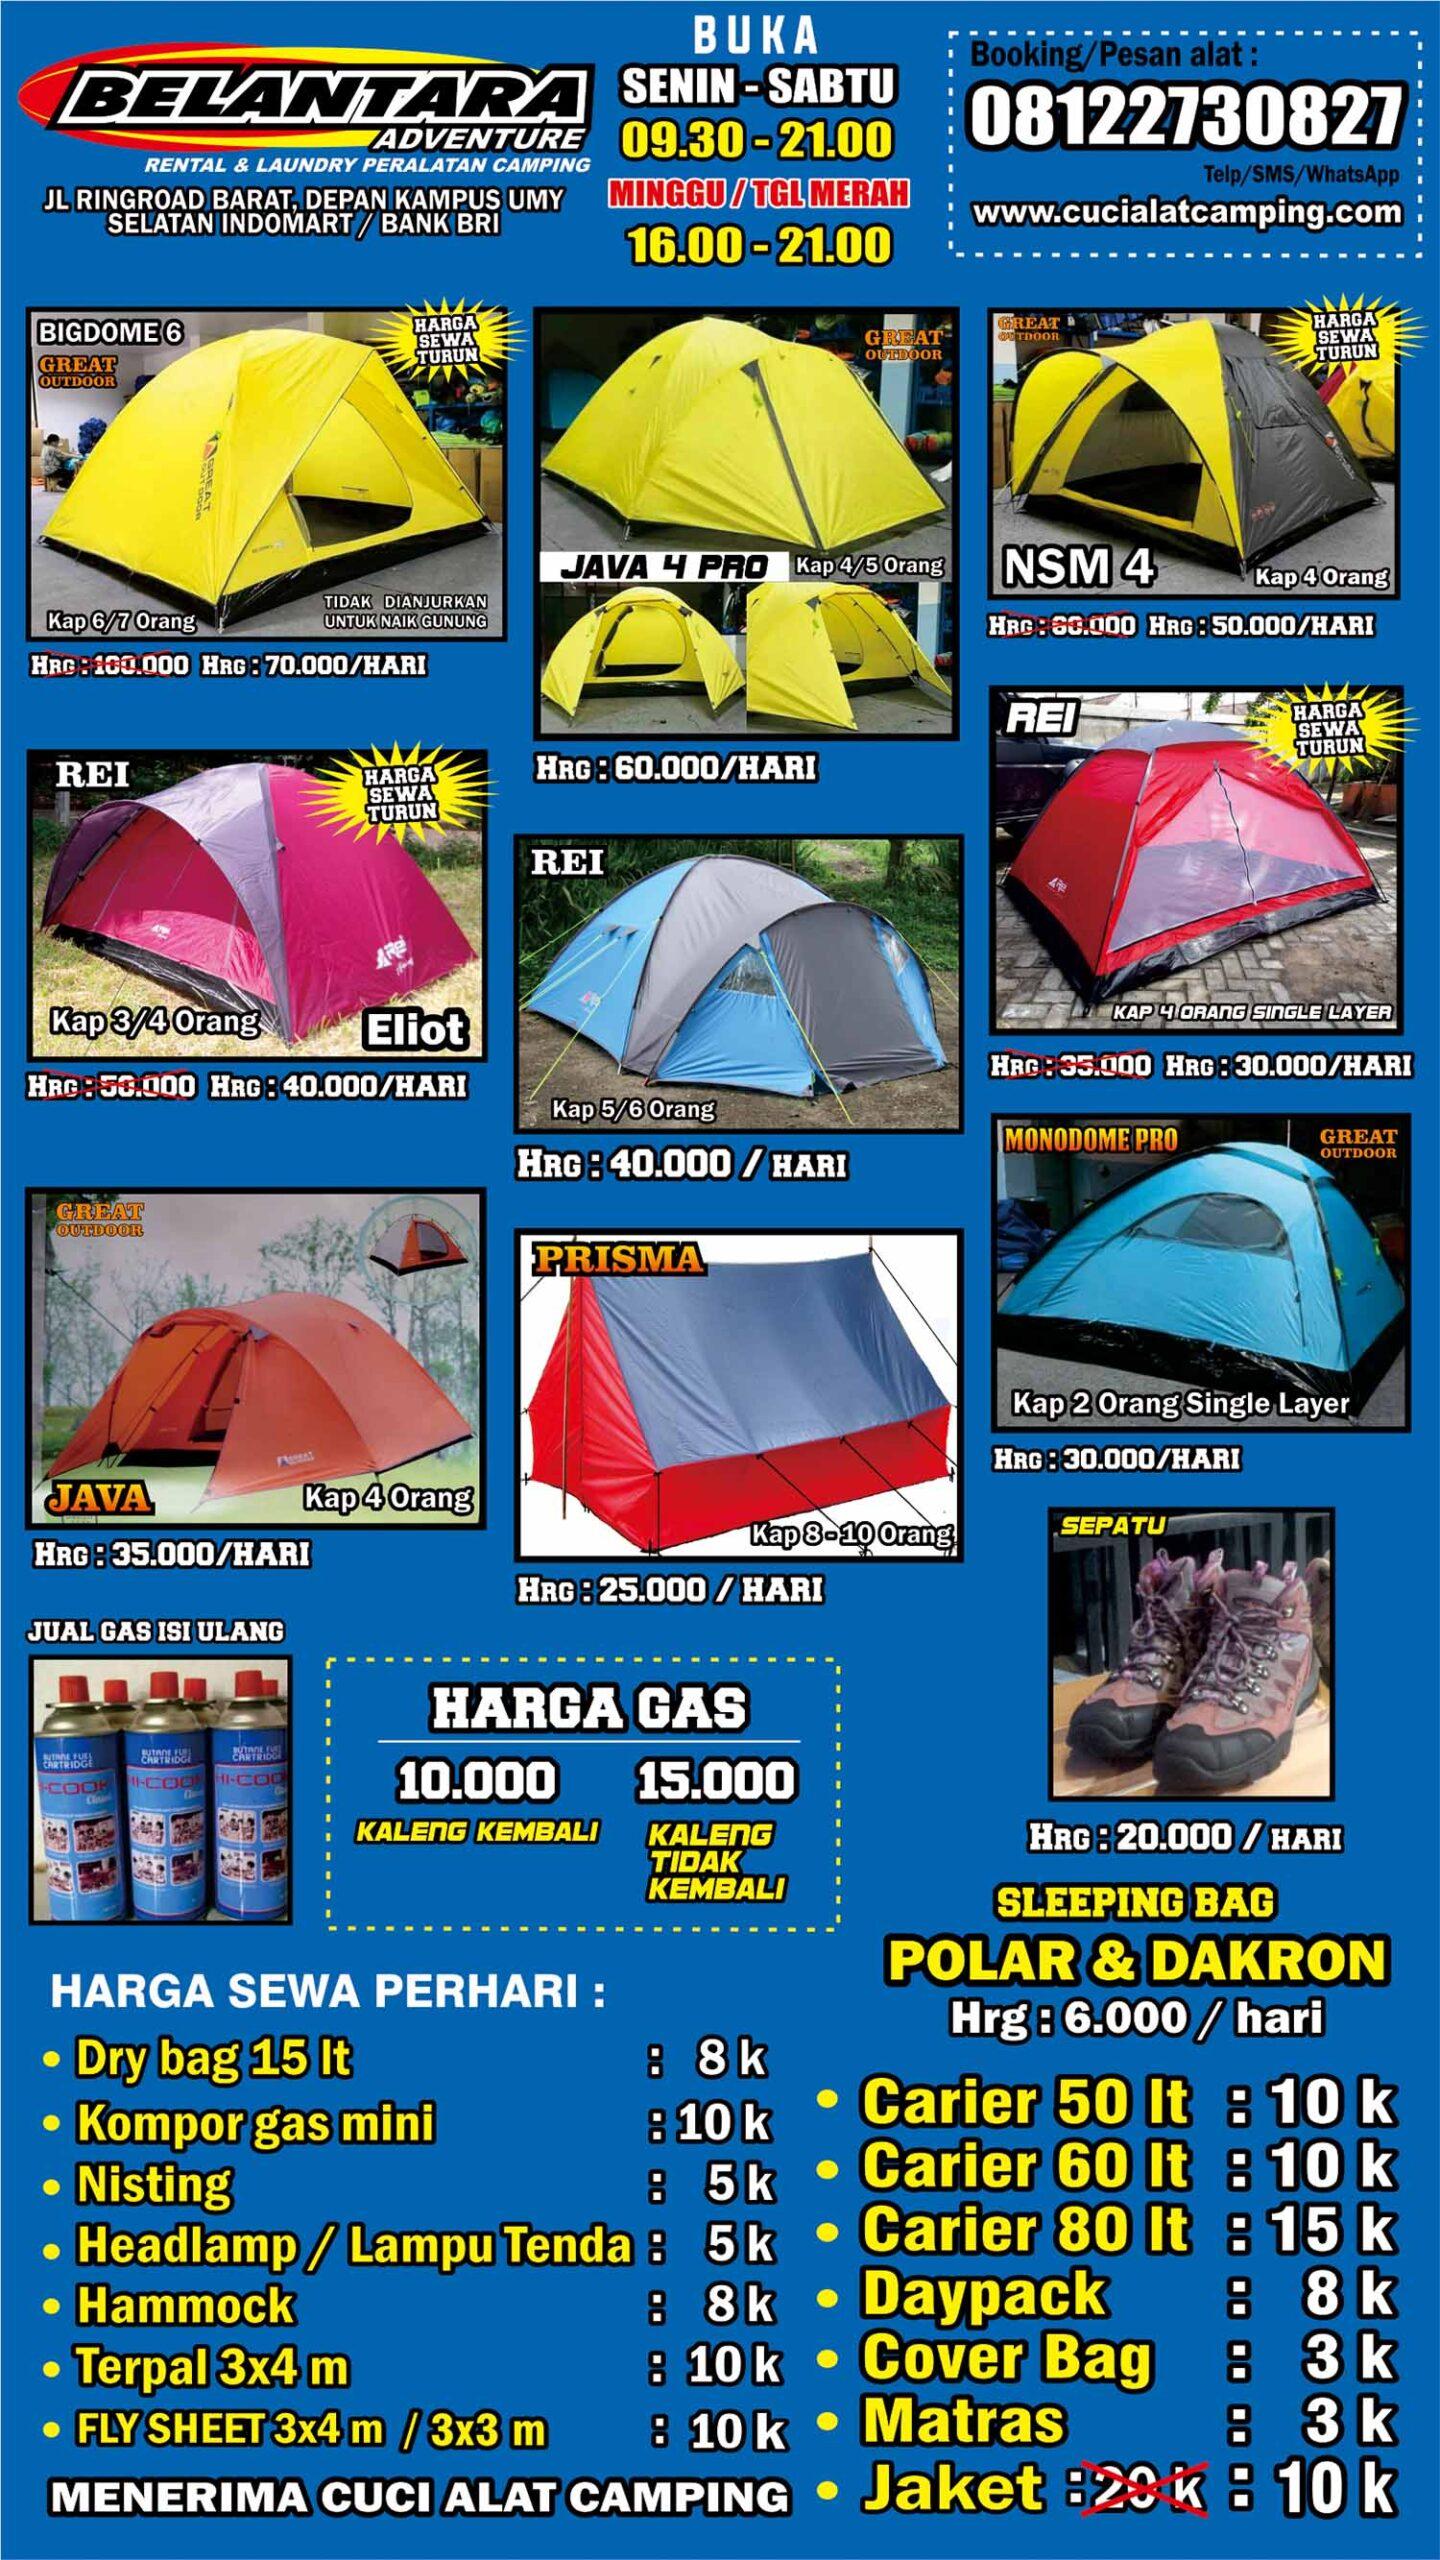 Rental Alat Camping Jogja Dan Cuci Alat Camping Belantara Adventure